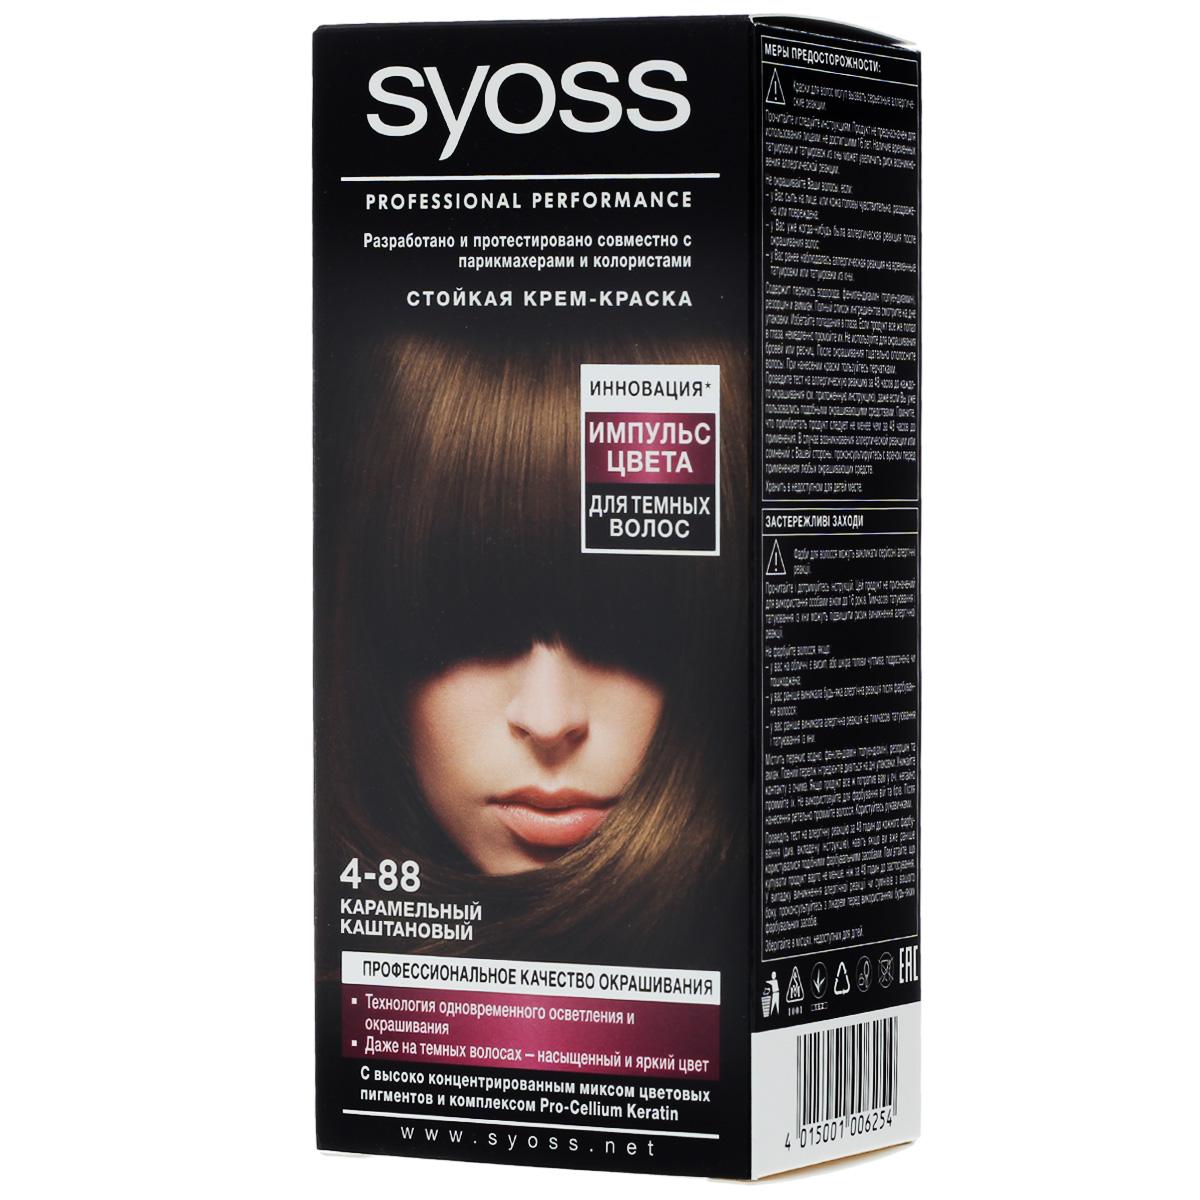 Syoss Color Краска для волос оттенок 4-88 Импульс цвета Карамельный каштановый, 115 млSatin Hair 7 BR730MNОткройте для себя профессиональное качество окрашивания с красками Syoss, разработанными и протестированными совместно с парикмахерами и колористами. Превосходный результат, как после посещения салона. Высокоэффективная формула закрепляет интенсивные цветовые пигменты глубоко внутри волоса, обеспечивая насыщенный, точный результат окрашивания и блеск волос, а также превосходное закрашивание седины. Кондиционер SYOSS «Защита Цвета- с комплексом Pro-Cellium Keratin и Провитамином Б5 способствует восстановлению волос изнутри – для сильных волос и стойкого, насыщенного цвета, полного блеска.